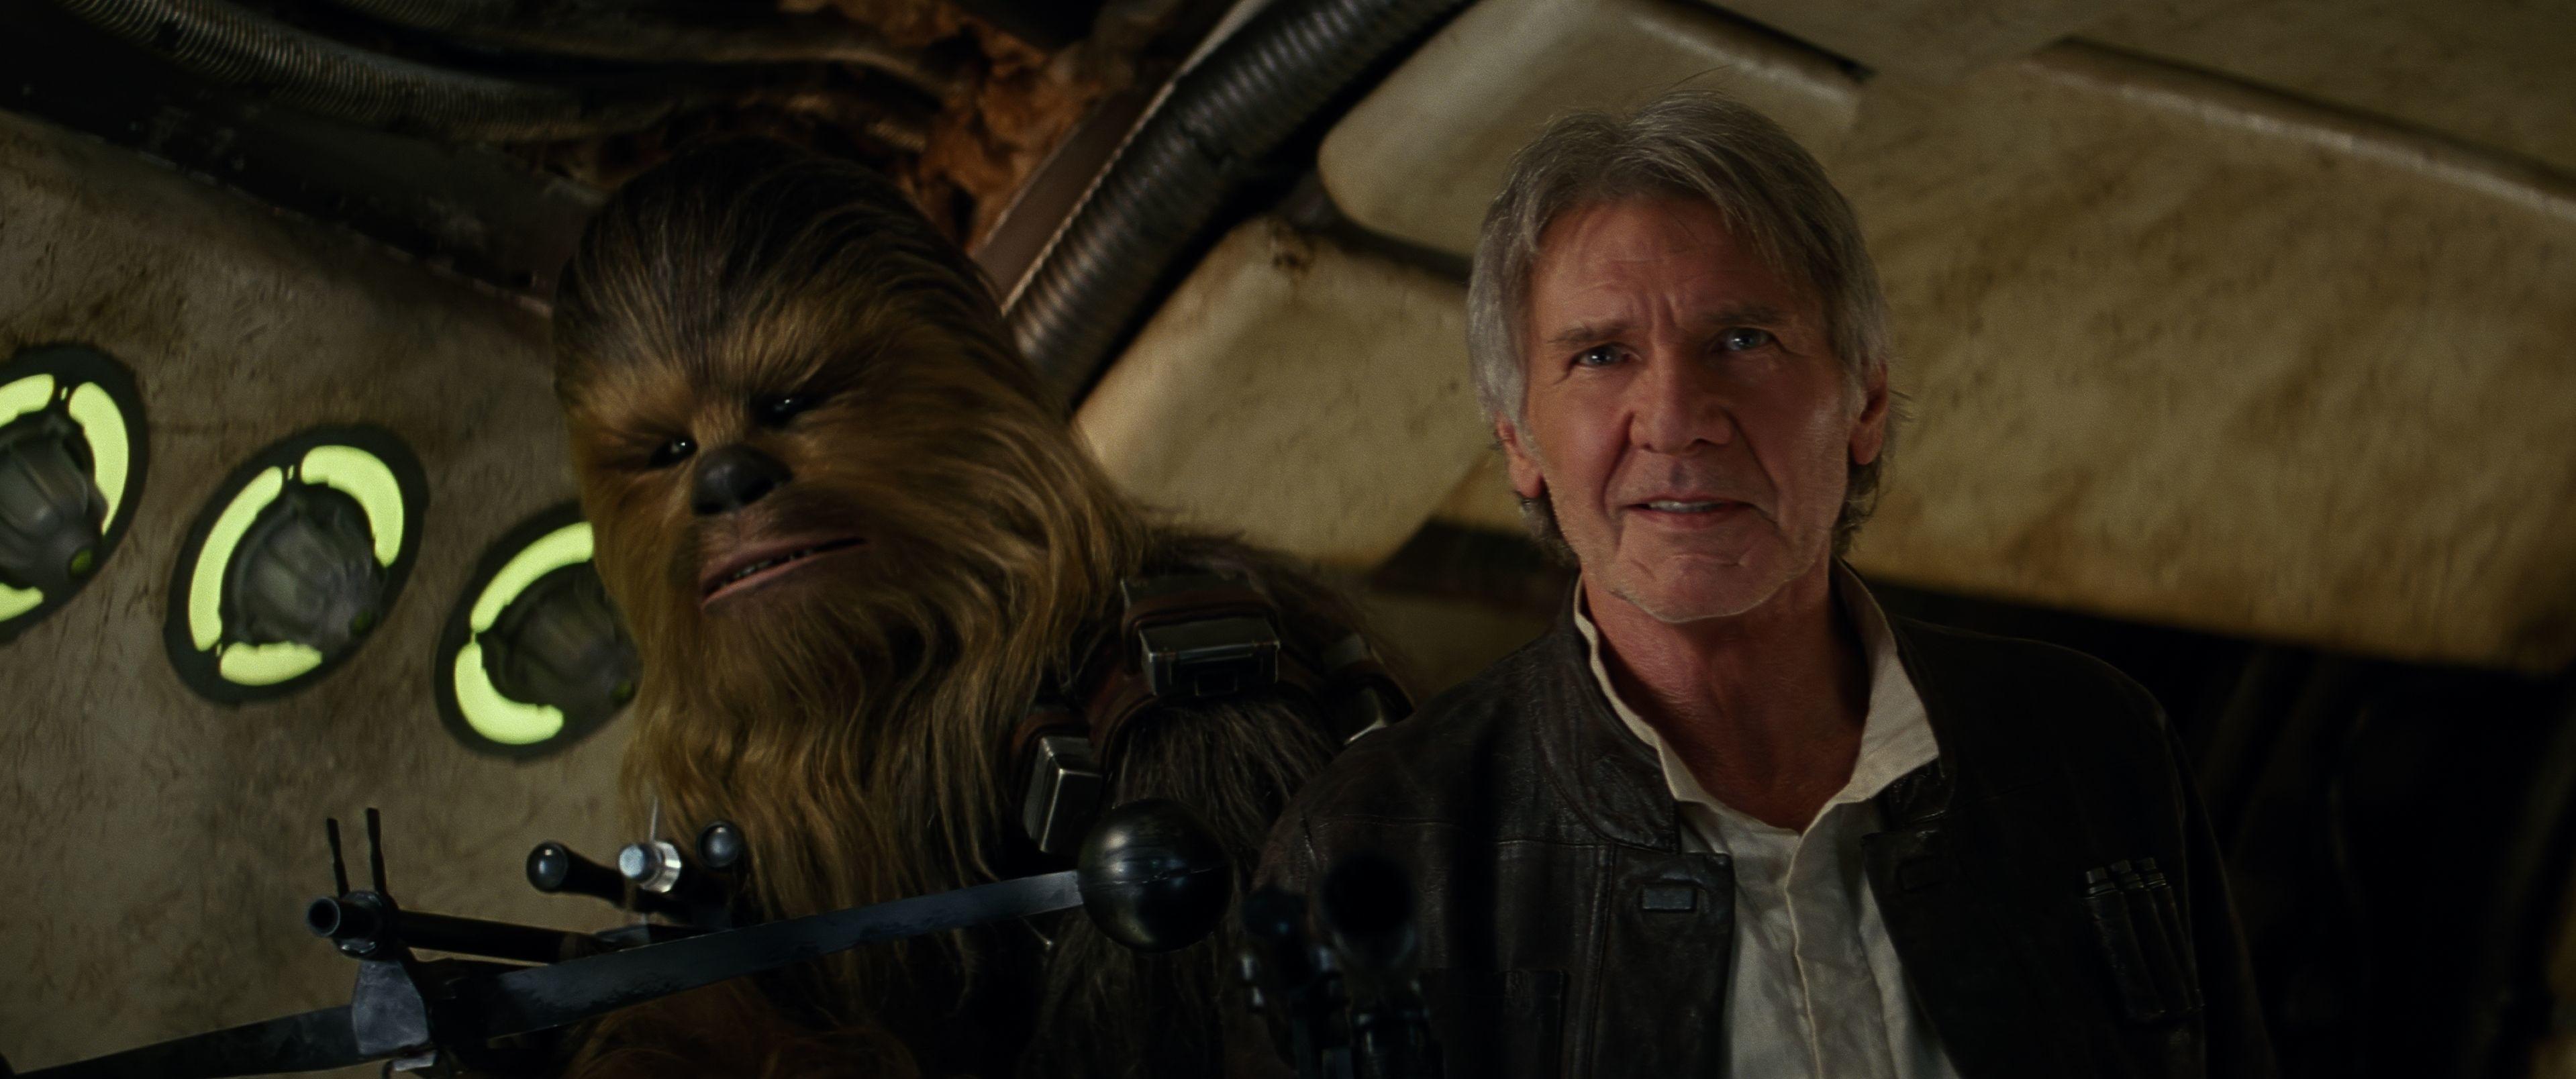 Chewie-Star-Wars-VII-Image